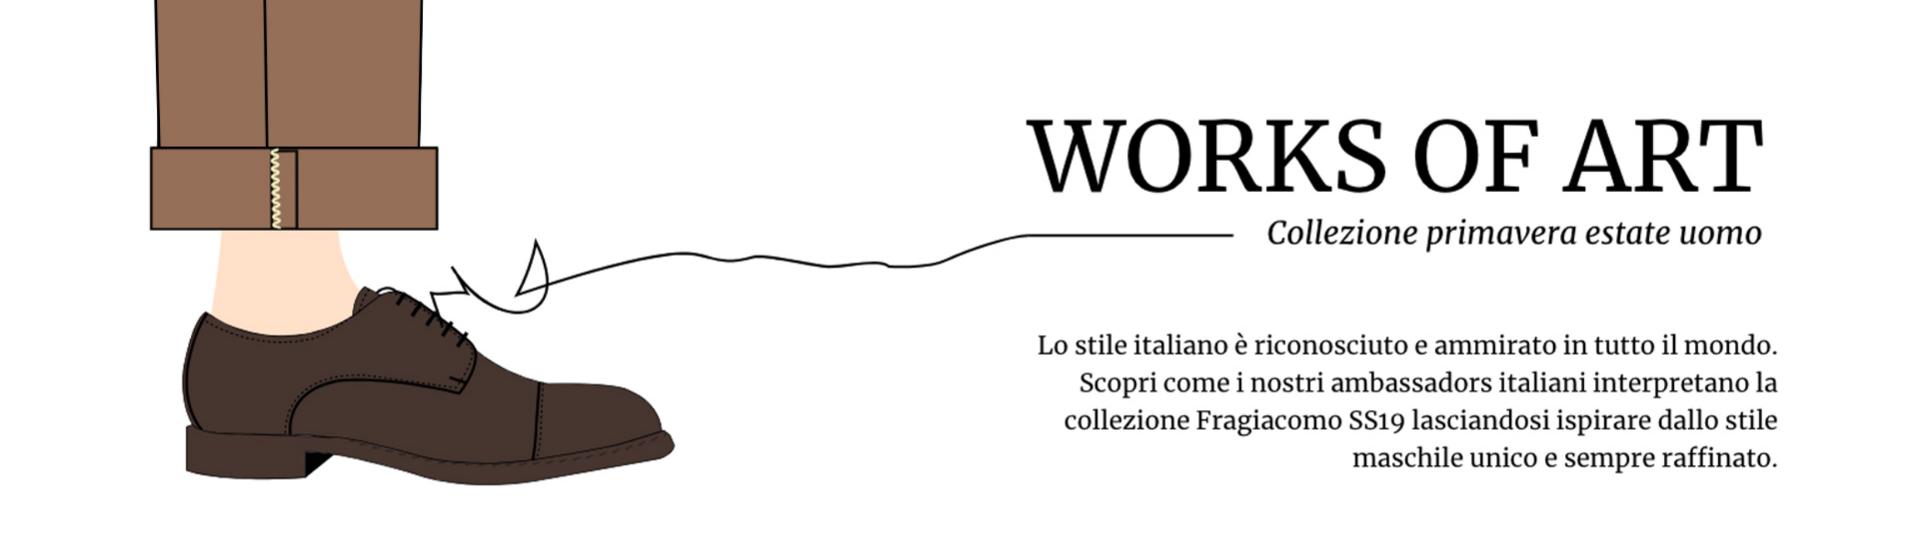 Illustrazione di una gamba da uomo che indossa una scarpa francesina color testa di moro by Fragiacomo works of art